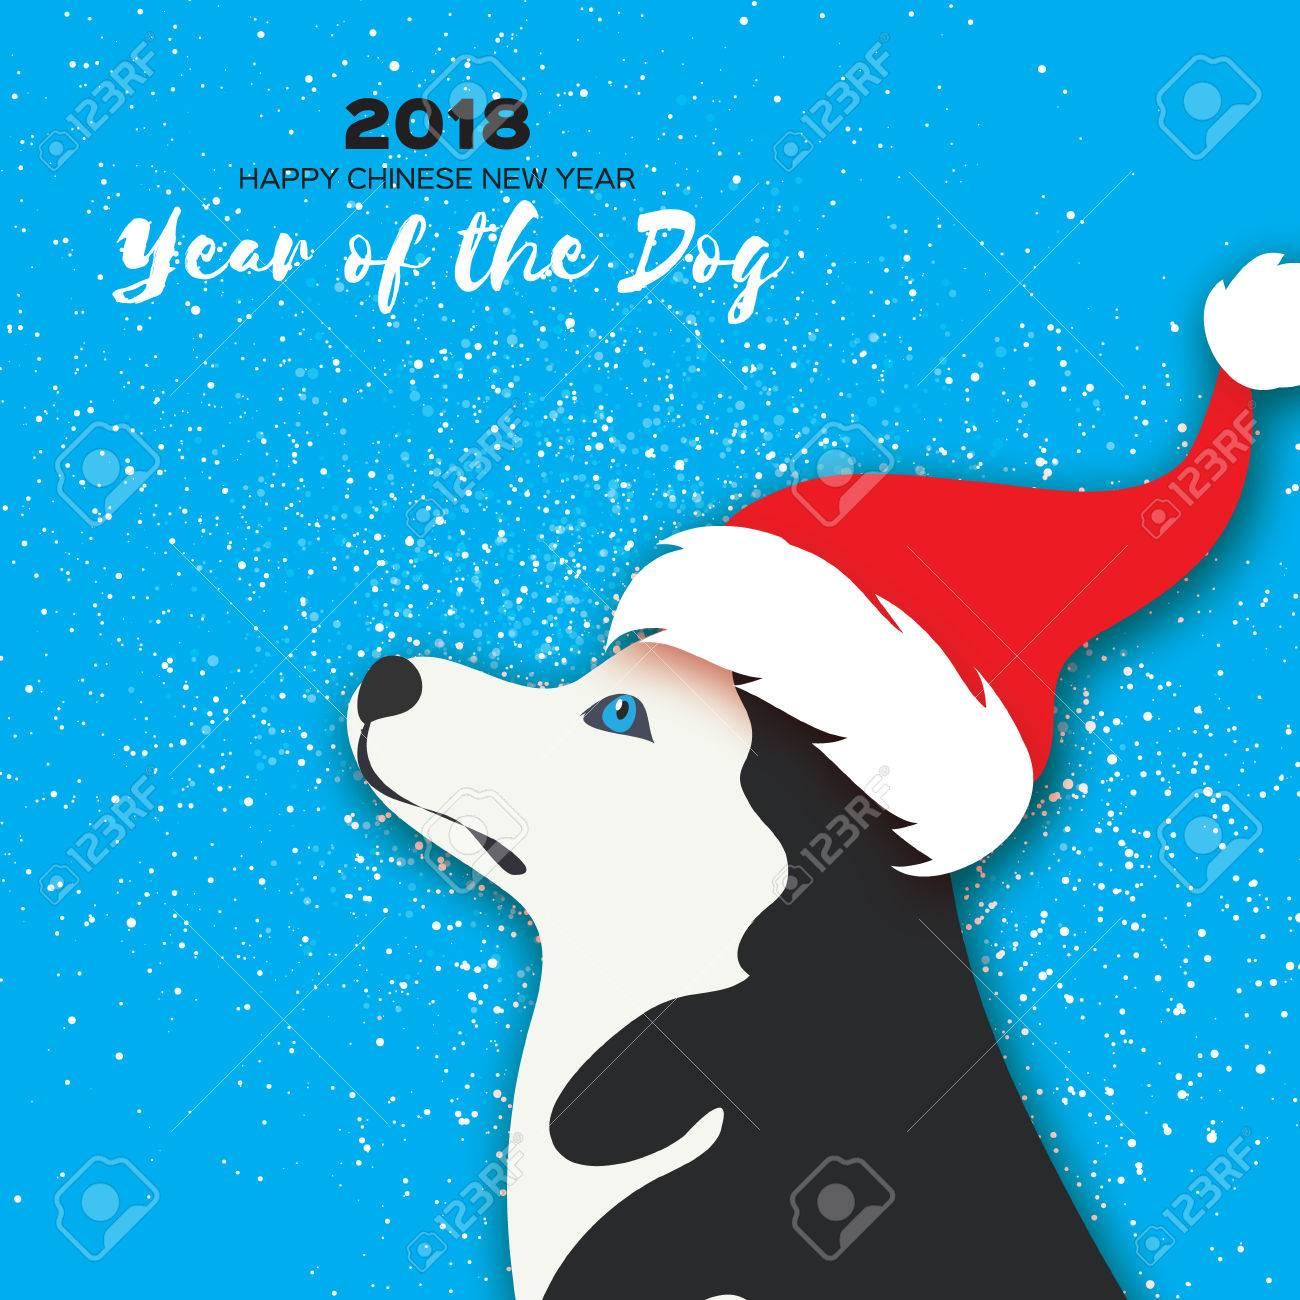 2018 Chinesisches Jahr Des Hundes. Glückliche Chinesische Neues Jahr ...